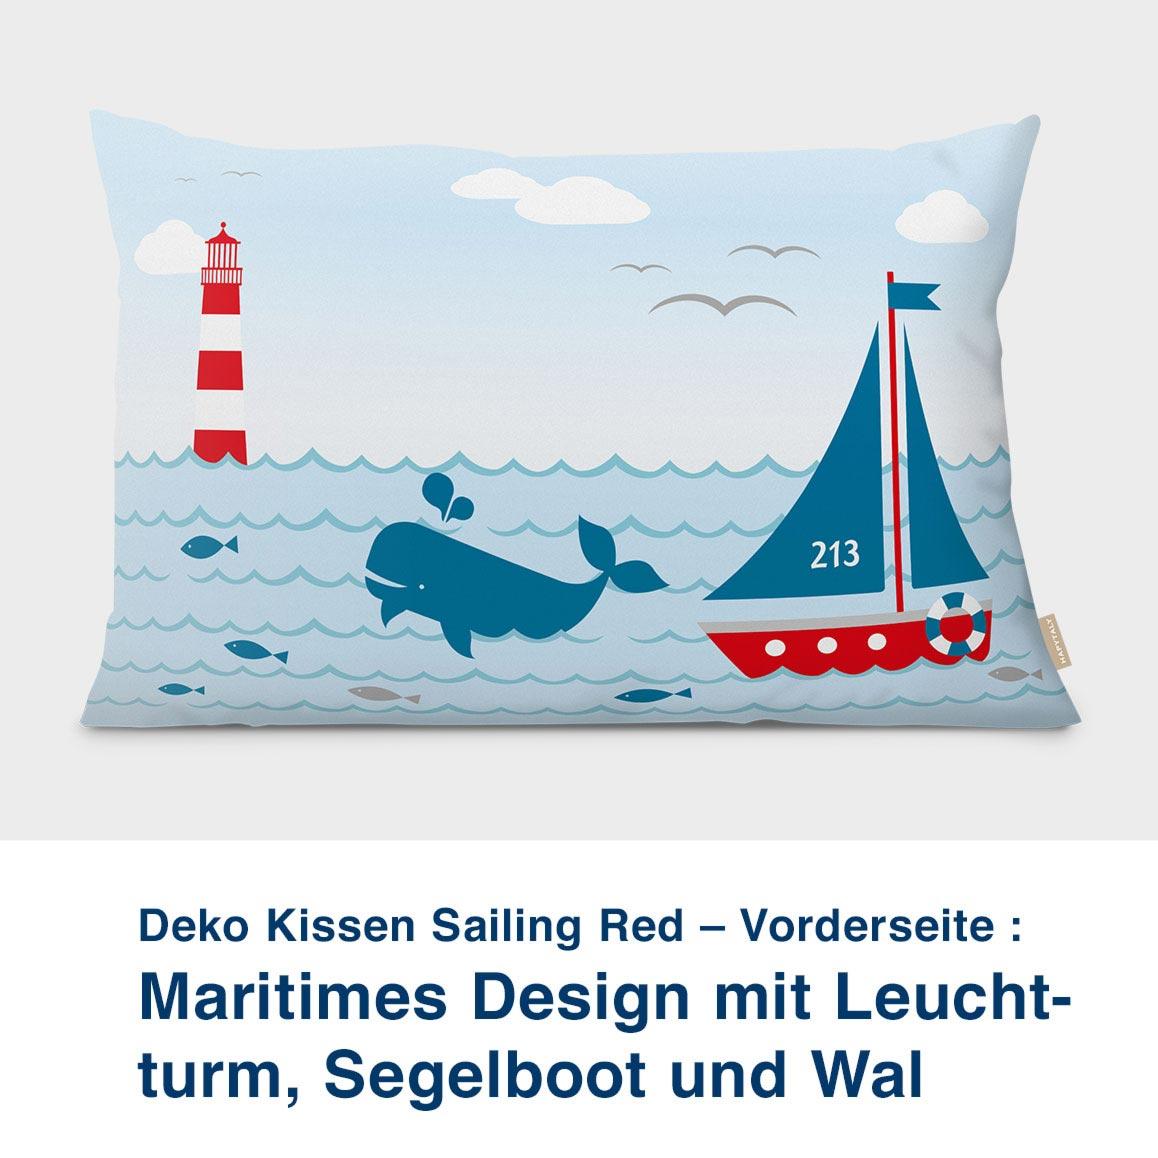 Kissen-Vorderseite, maritimes Design mit Leuchtturm, Sailing Red 60 x40 cm